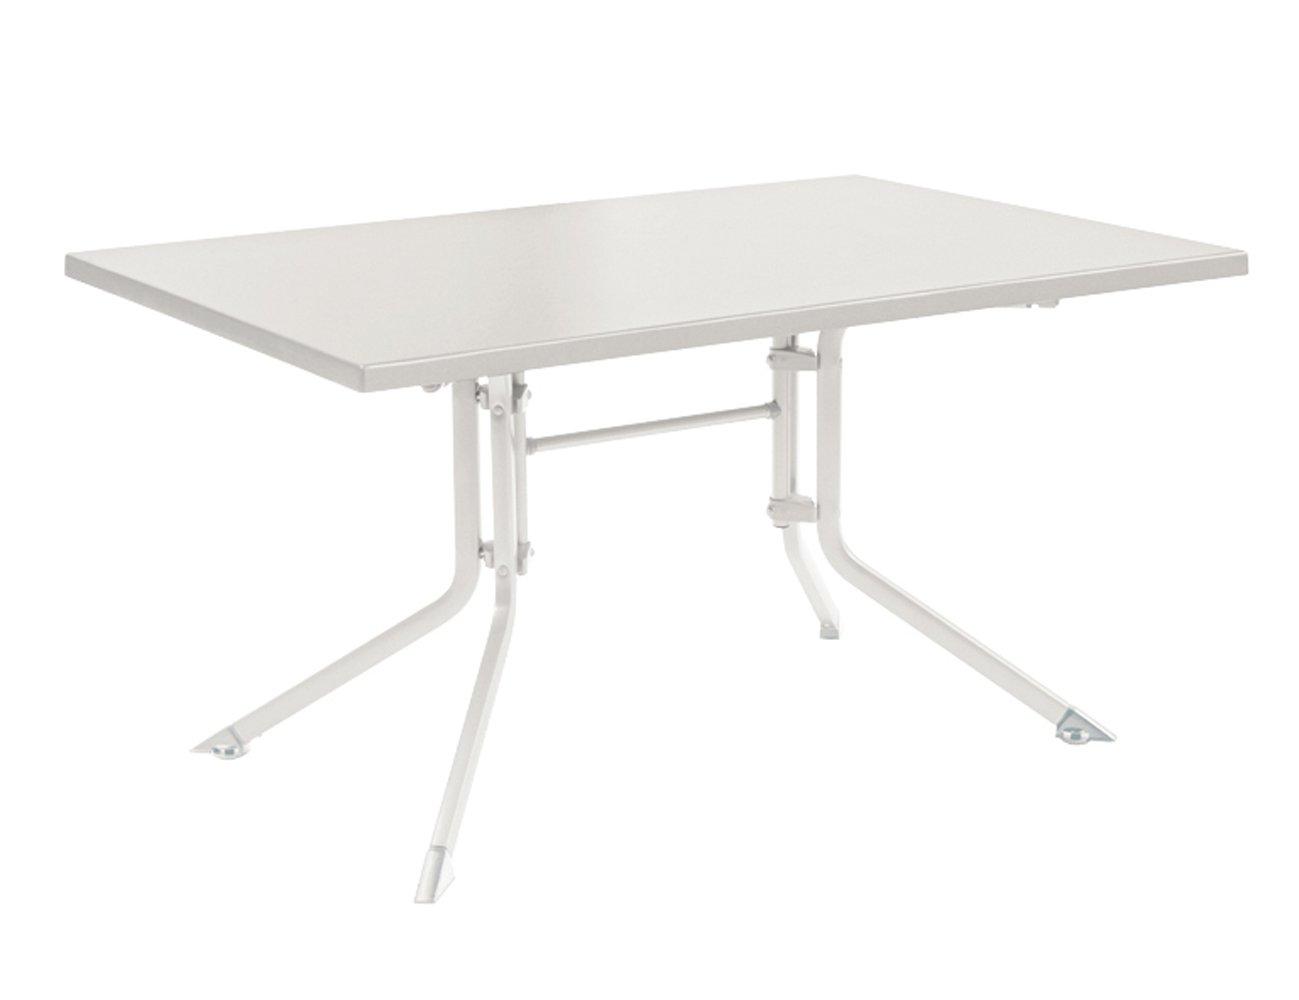 Kettler 0307021-5000 Klapptisch Aluminium-Kettalux, 160 x 95 cm, weiß